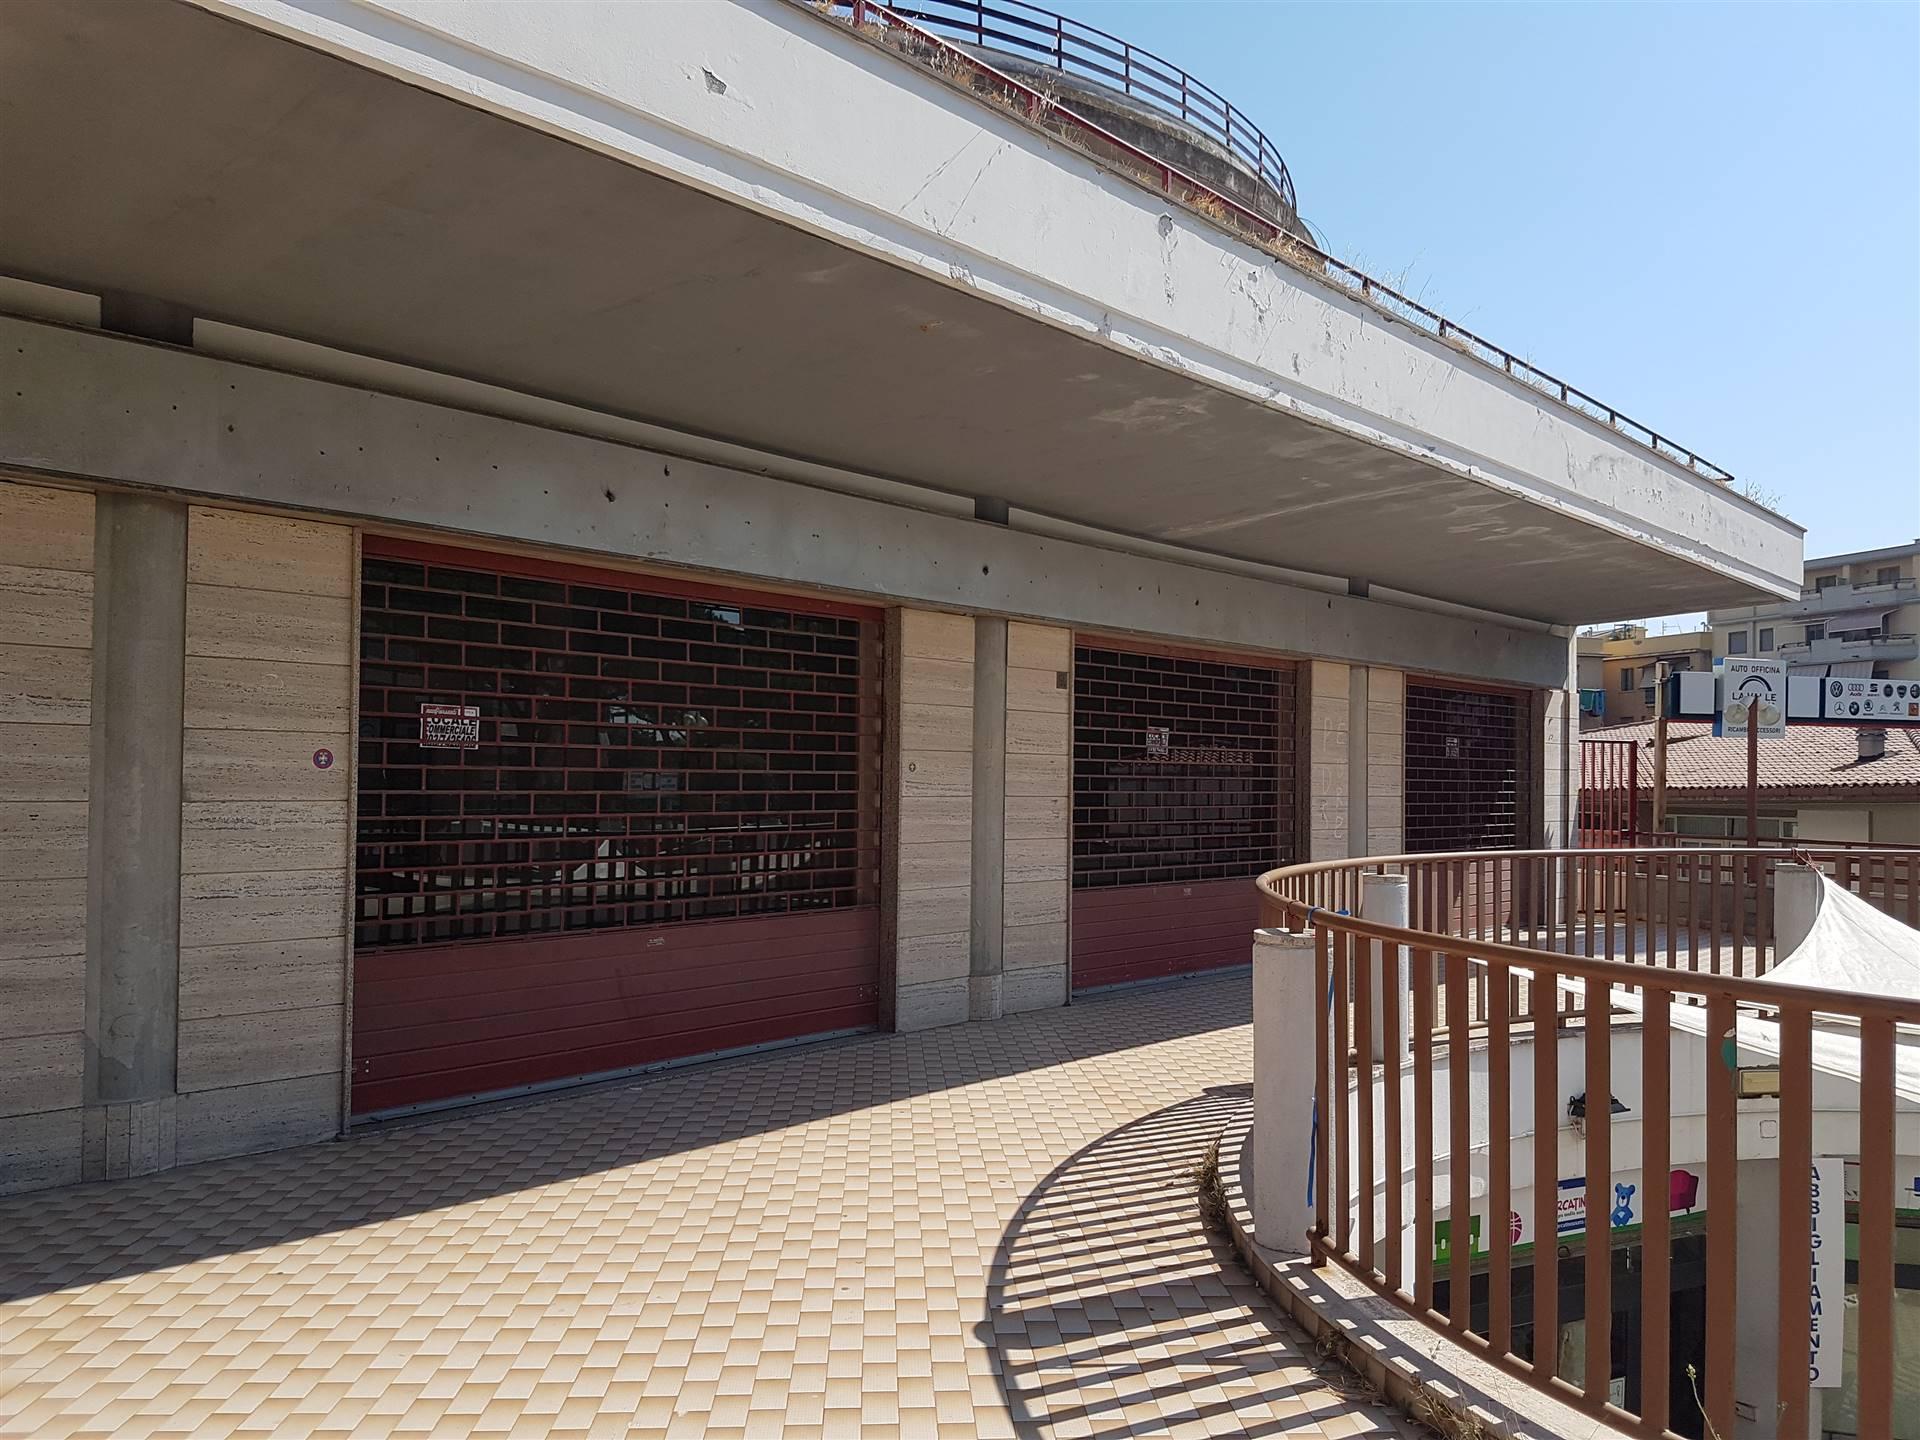 Affittasi Locale Commerciale locale commerciale di circa 290 Mq disposto su un unico livello. Il locale dispone di 4 vetrine su strada e due laterali.